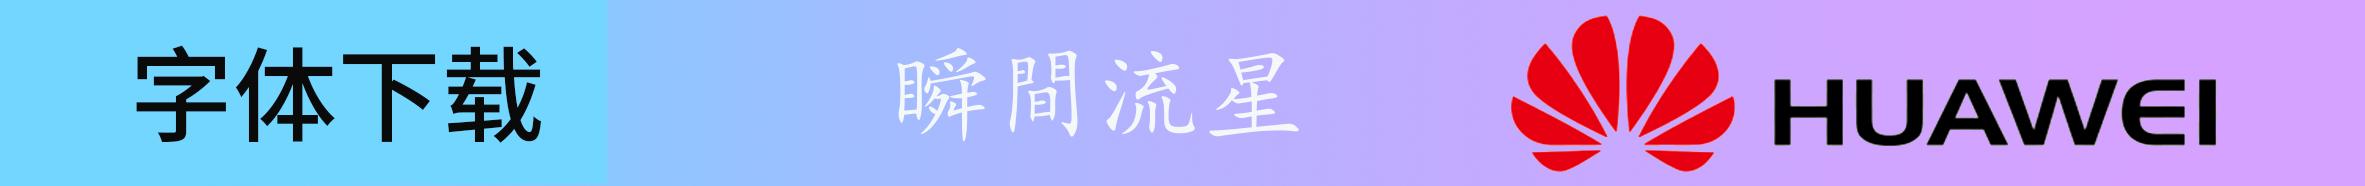 字体下载1.png